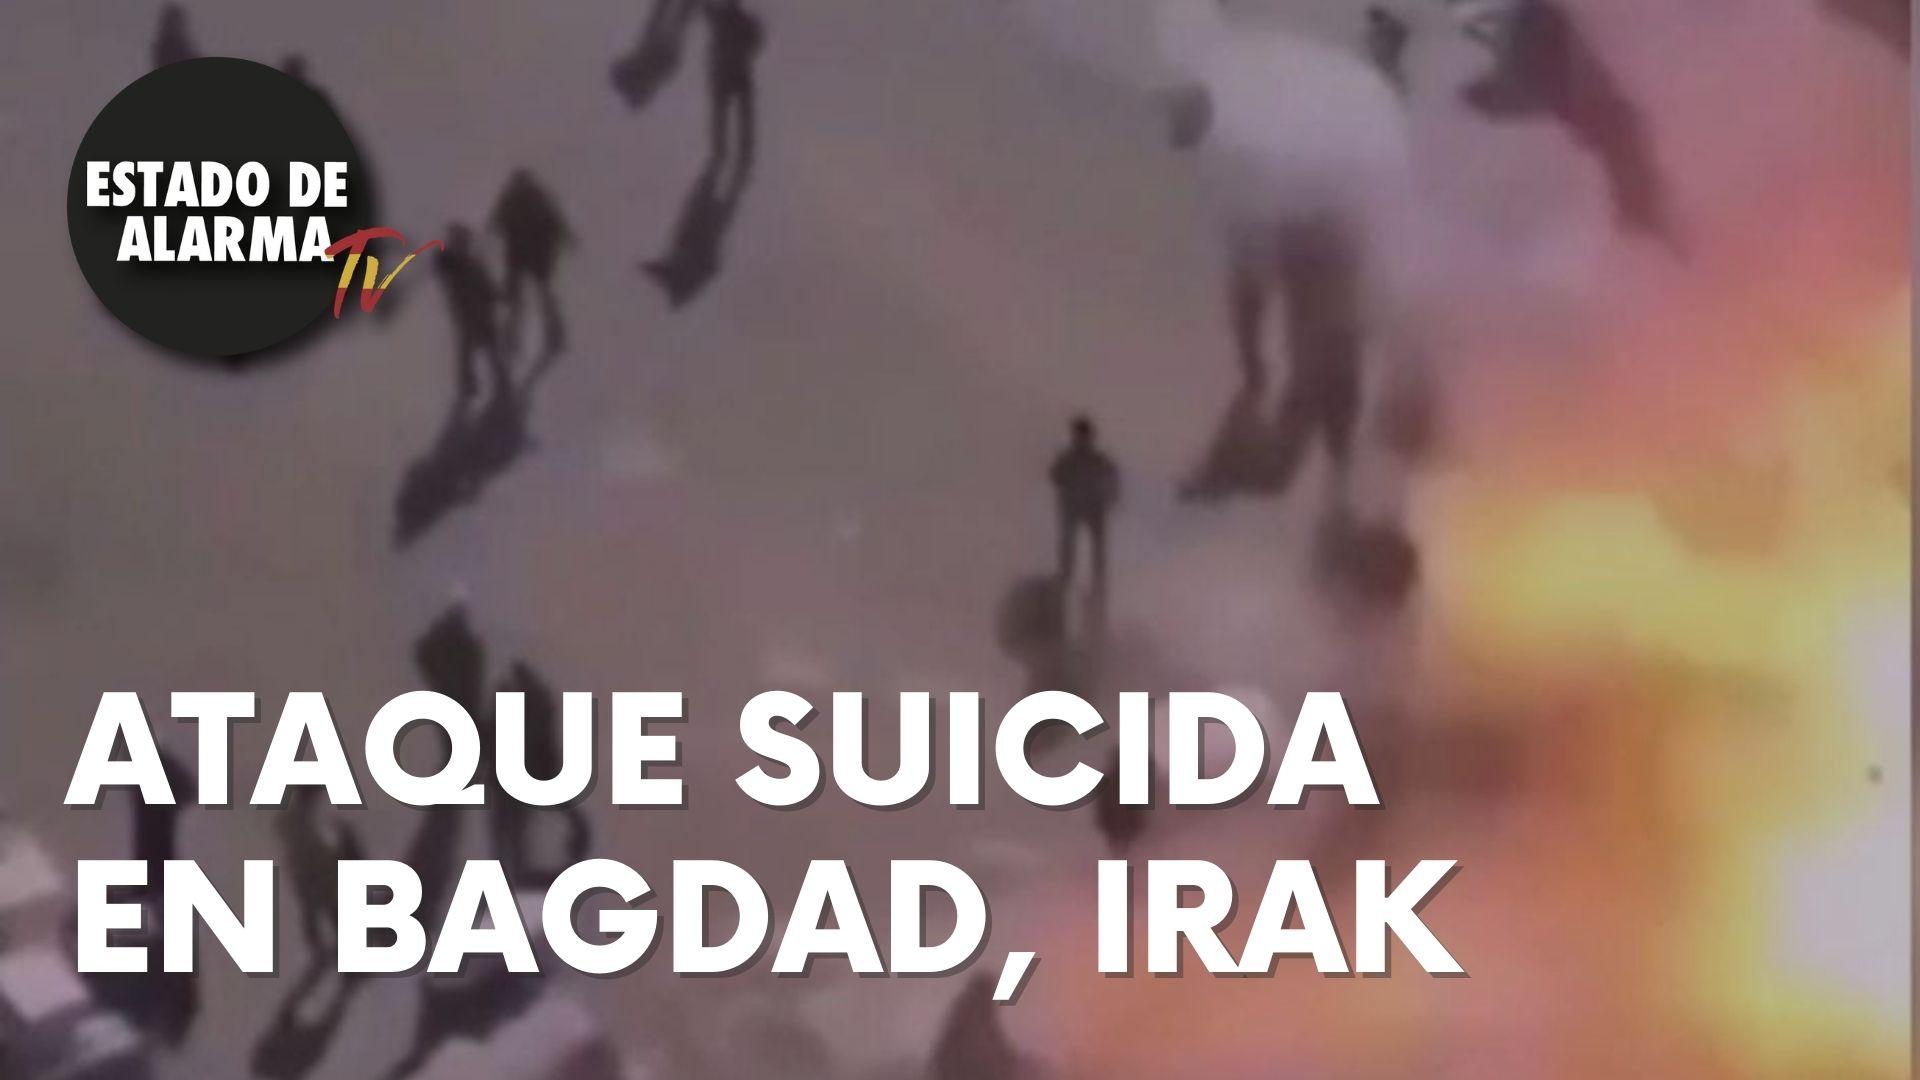 Ataque suicida en Bagdad, Irak